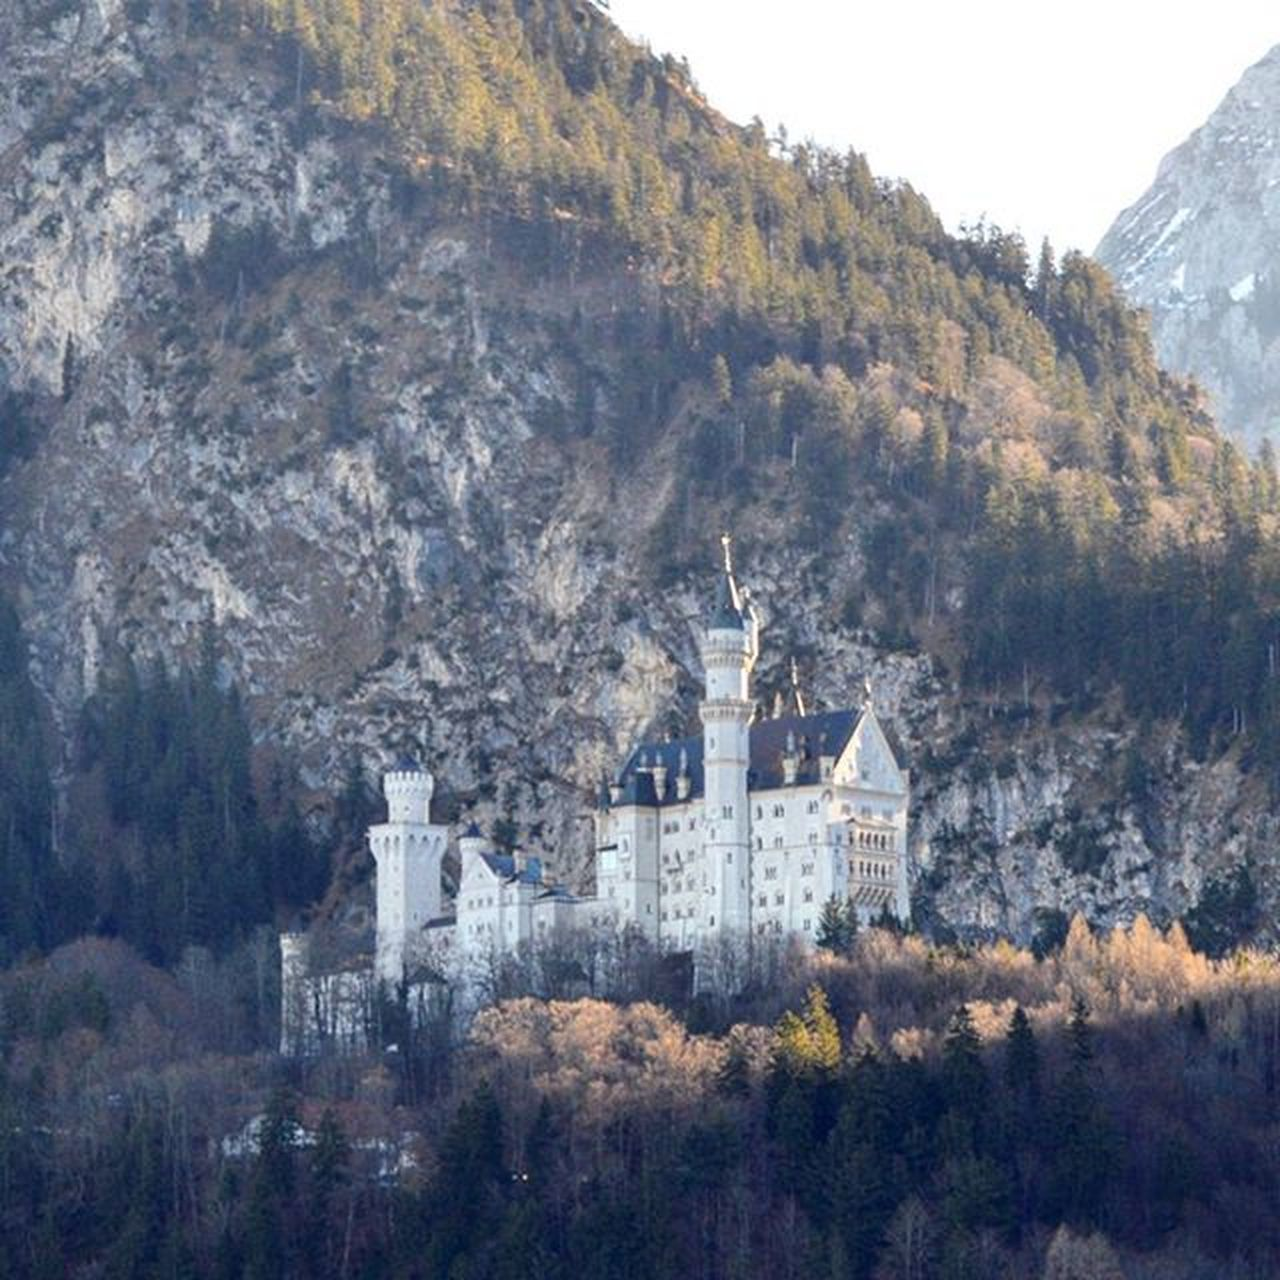 Сказочный замок сказочного короля 👑🏰 NeuschwansteinCastle Newschwanstein Castle Schwangau Hohenschwangau Alpen Füssen Bayern Bavaria Ferien Holidays Latergram Winterindeutschland Winter Germany Deutschland Europe